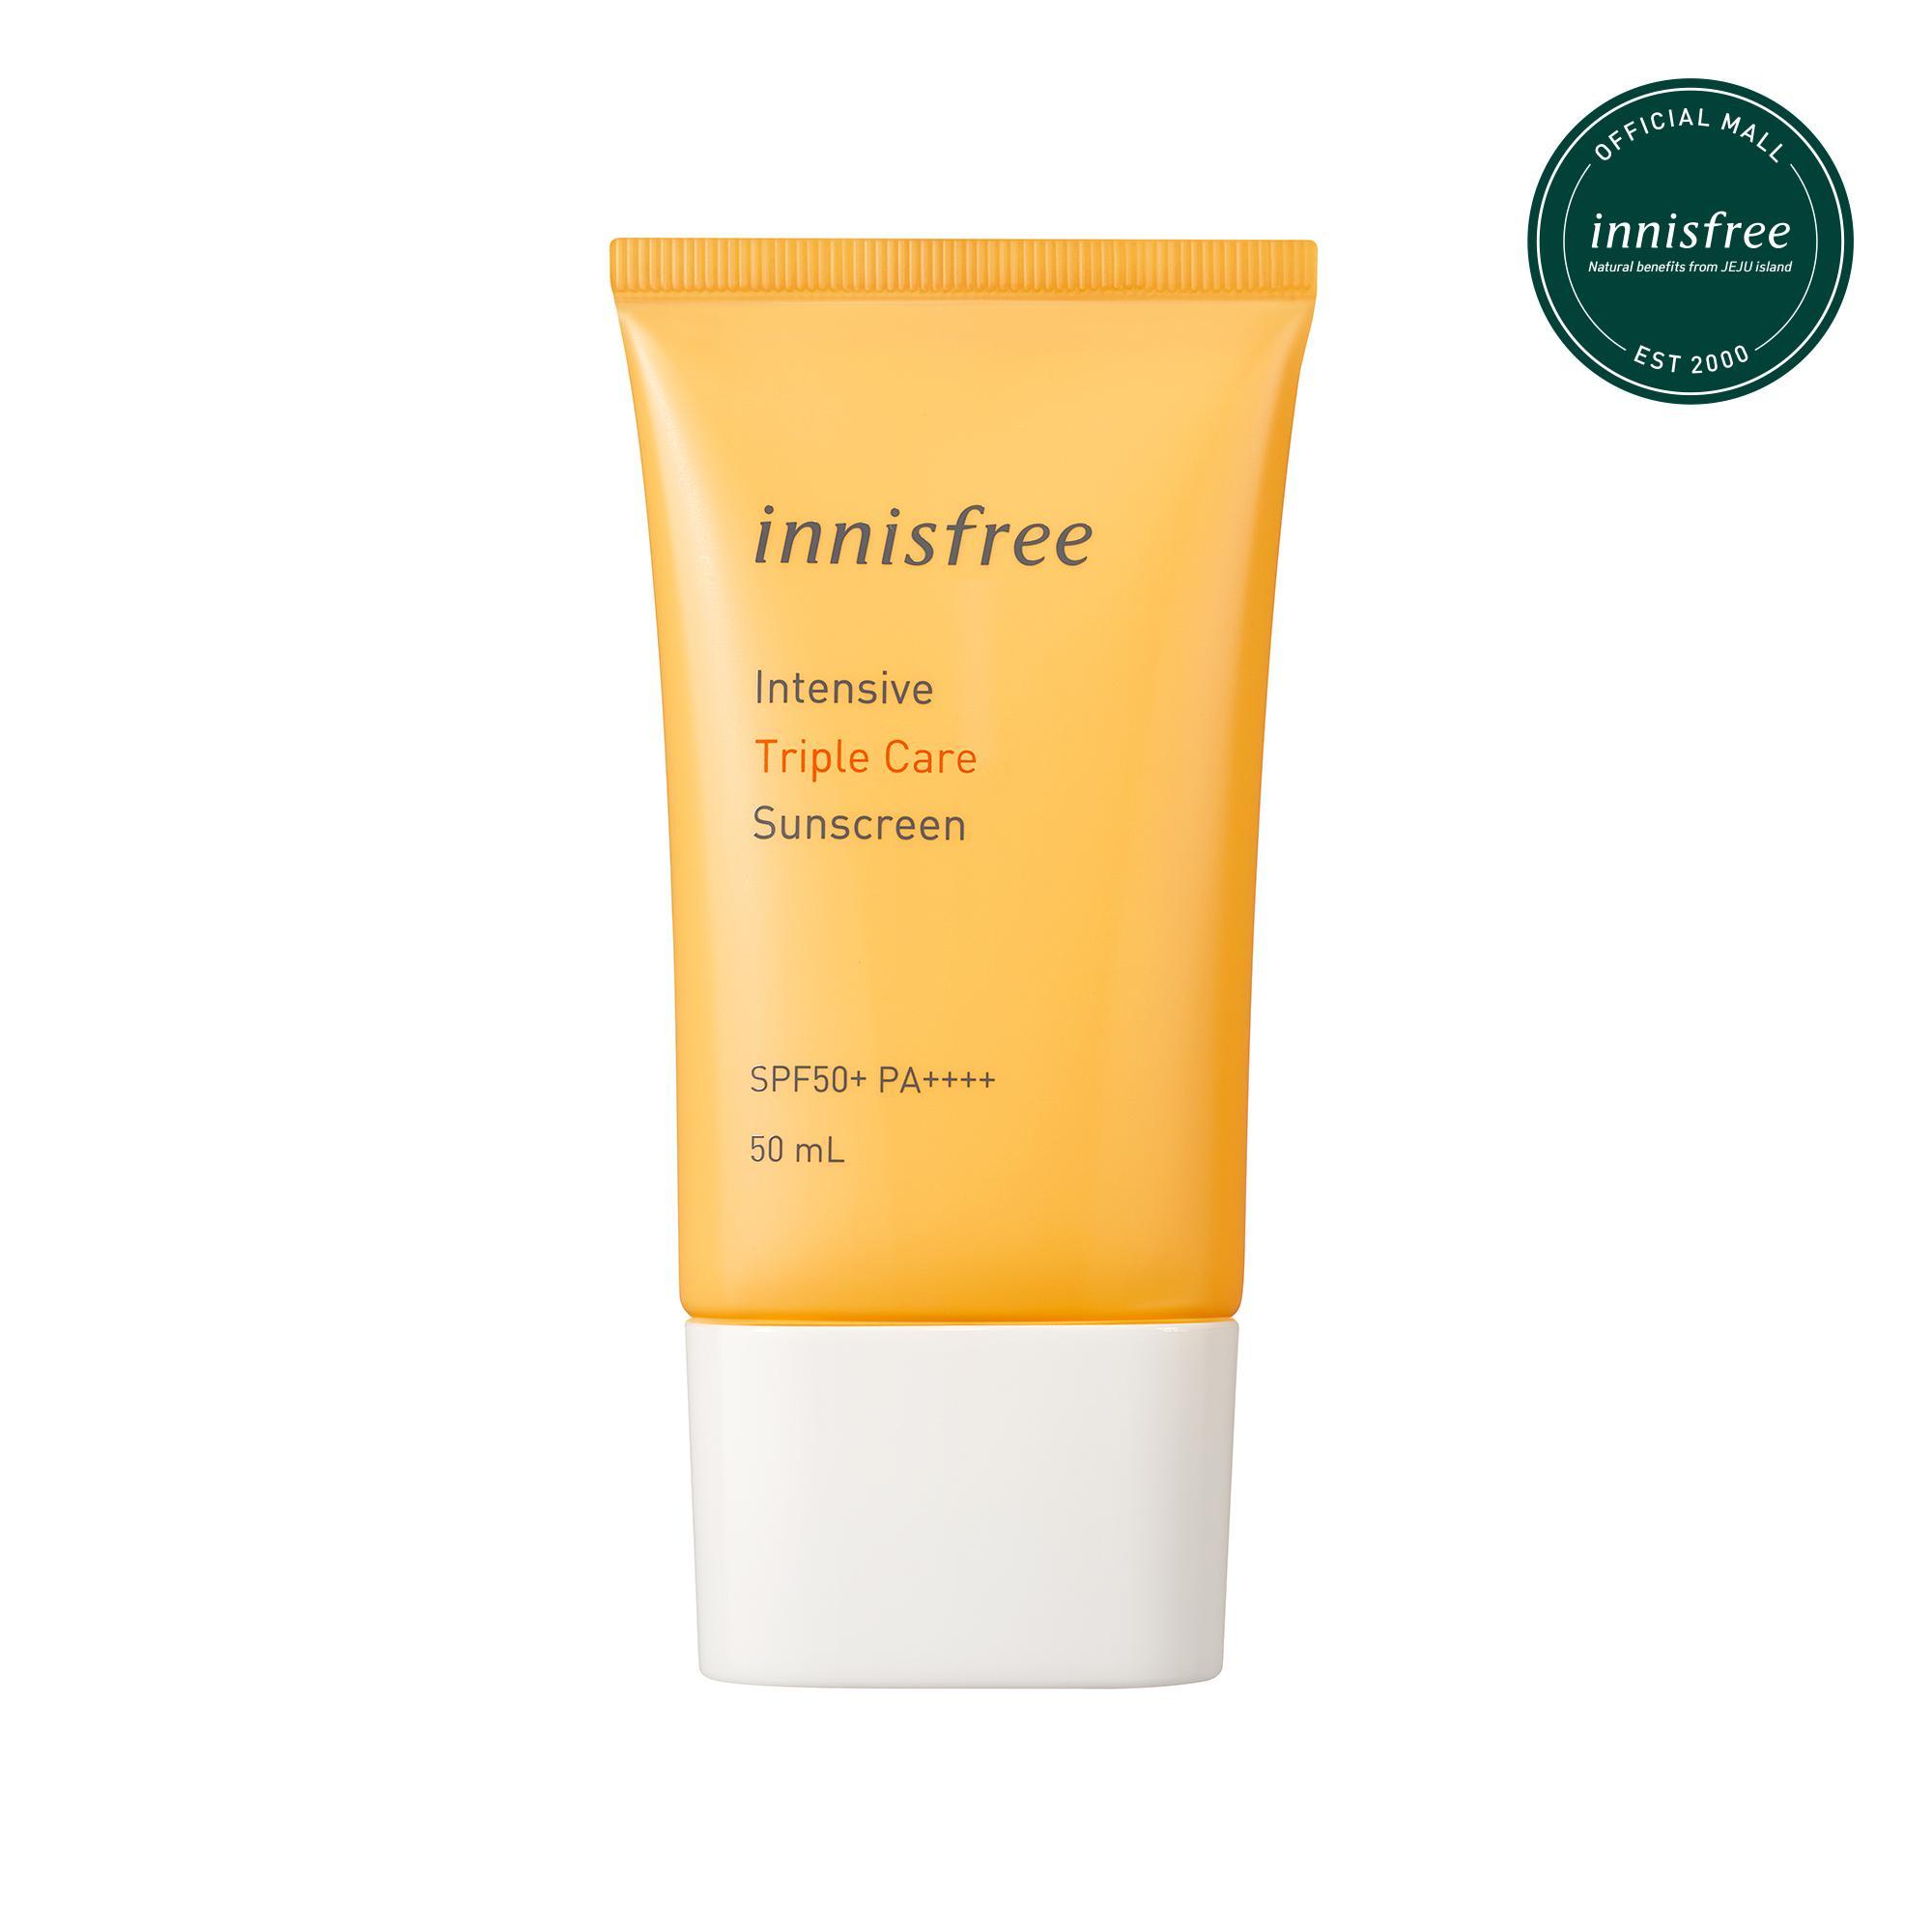 Kem chống nắng lâu trôi làm sáng da innisfree Intensive Triple Care Sunscreen SPF50+ PA++++ 50ml tốt nhất